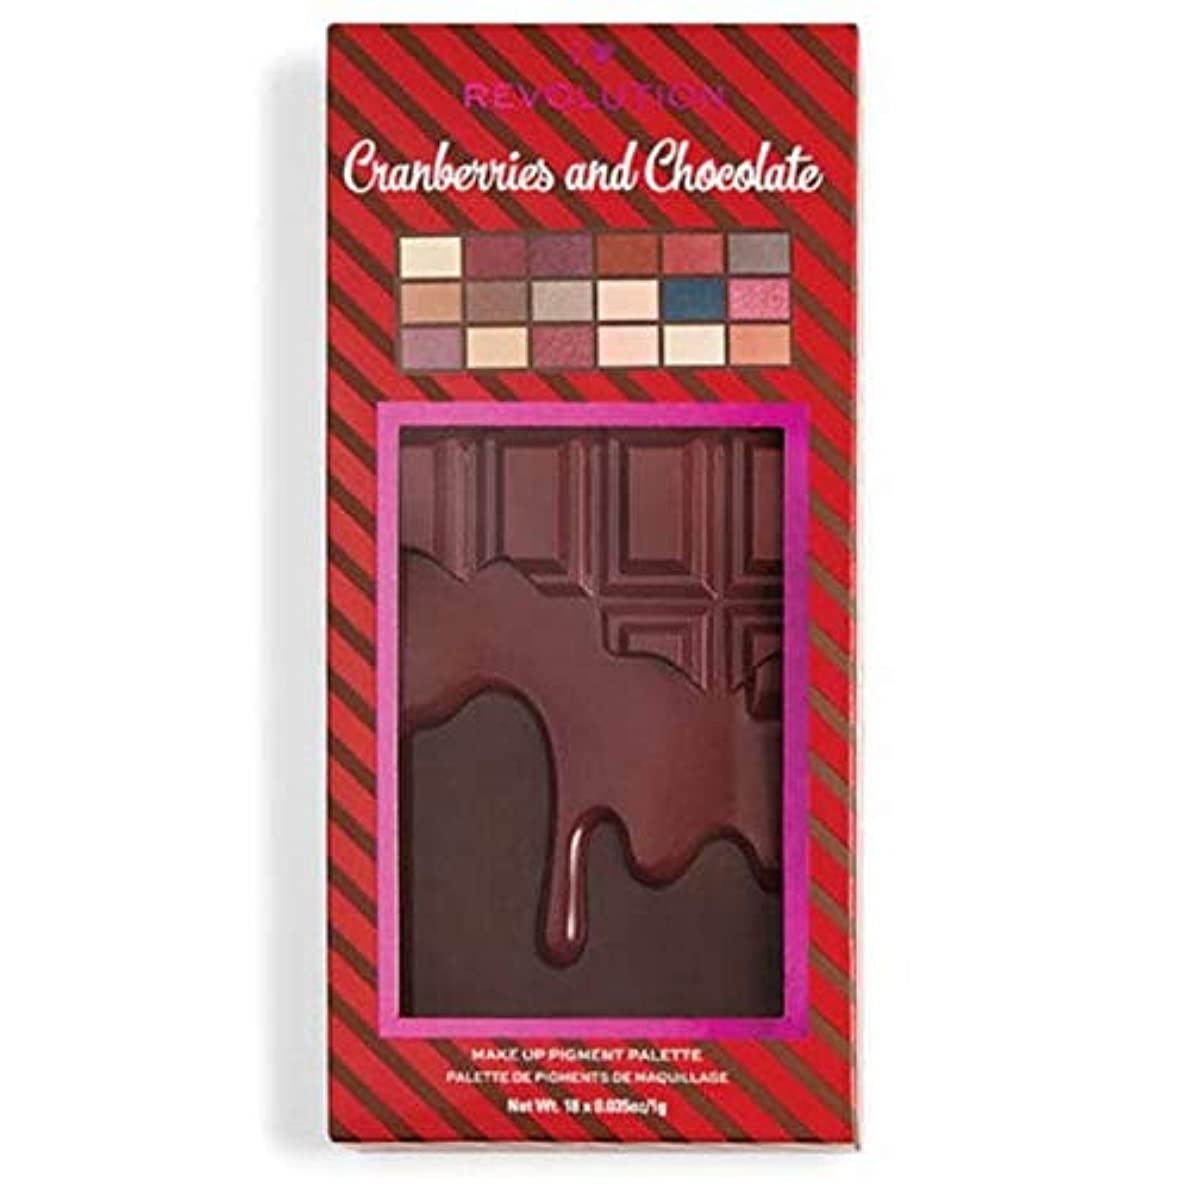 韓国びっくりするネックレット[I Heart Revolution ] 私の心の革命クランベリー&チョコレートパレット - I Heart Revolution Cranberries & Chocolate Palette [並行輸入品]